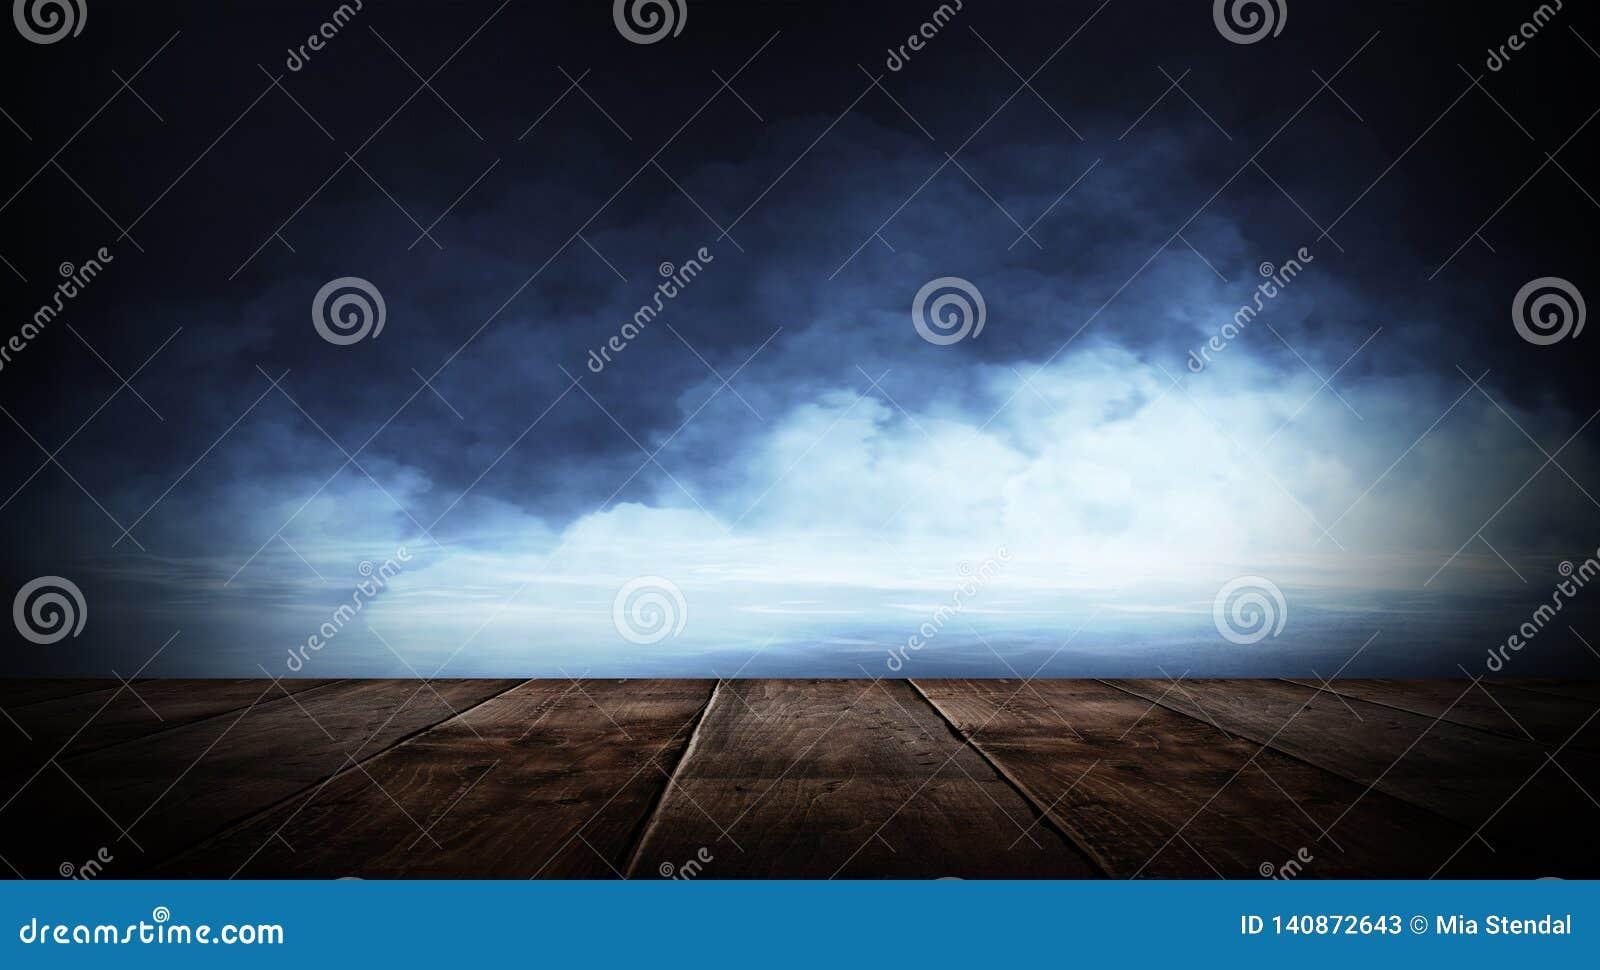 Zmroku pusty pokój z ścianami z cegieł i neonowymi światłami, dym, promienie